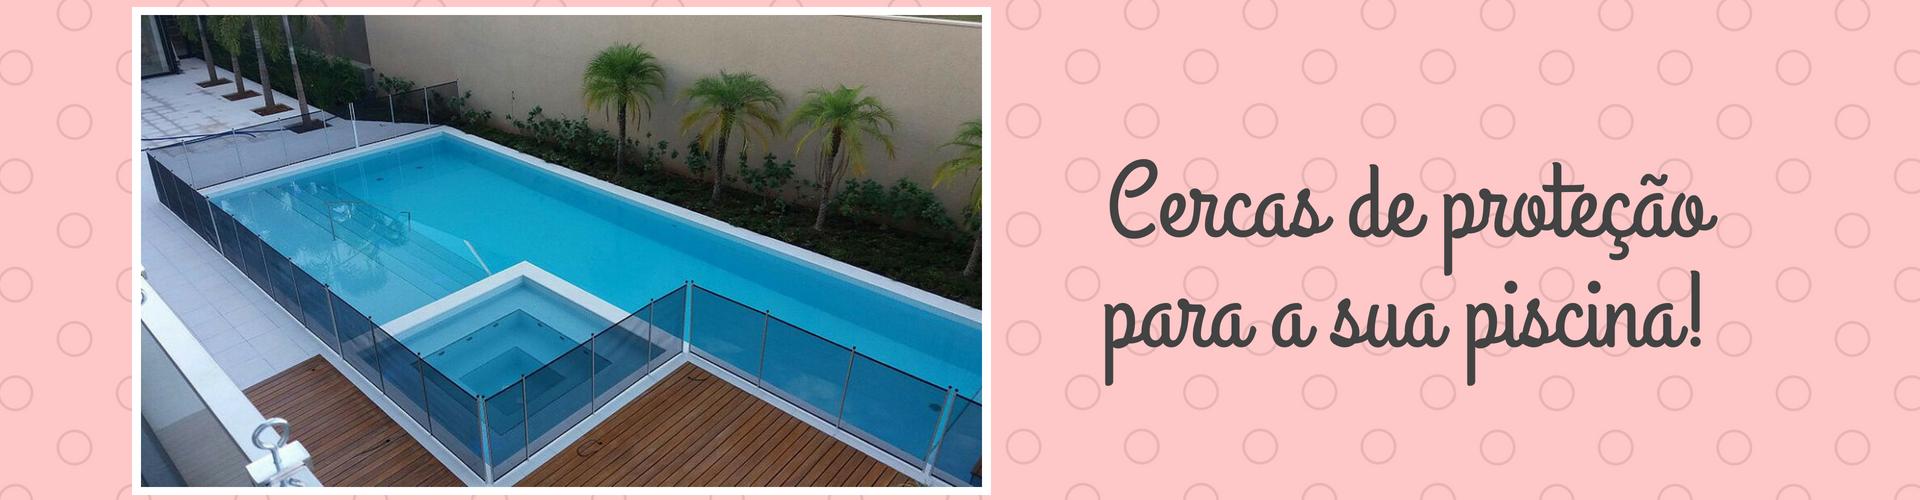 Piscina Segura - Cercas de proteção para a sua piscina!